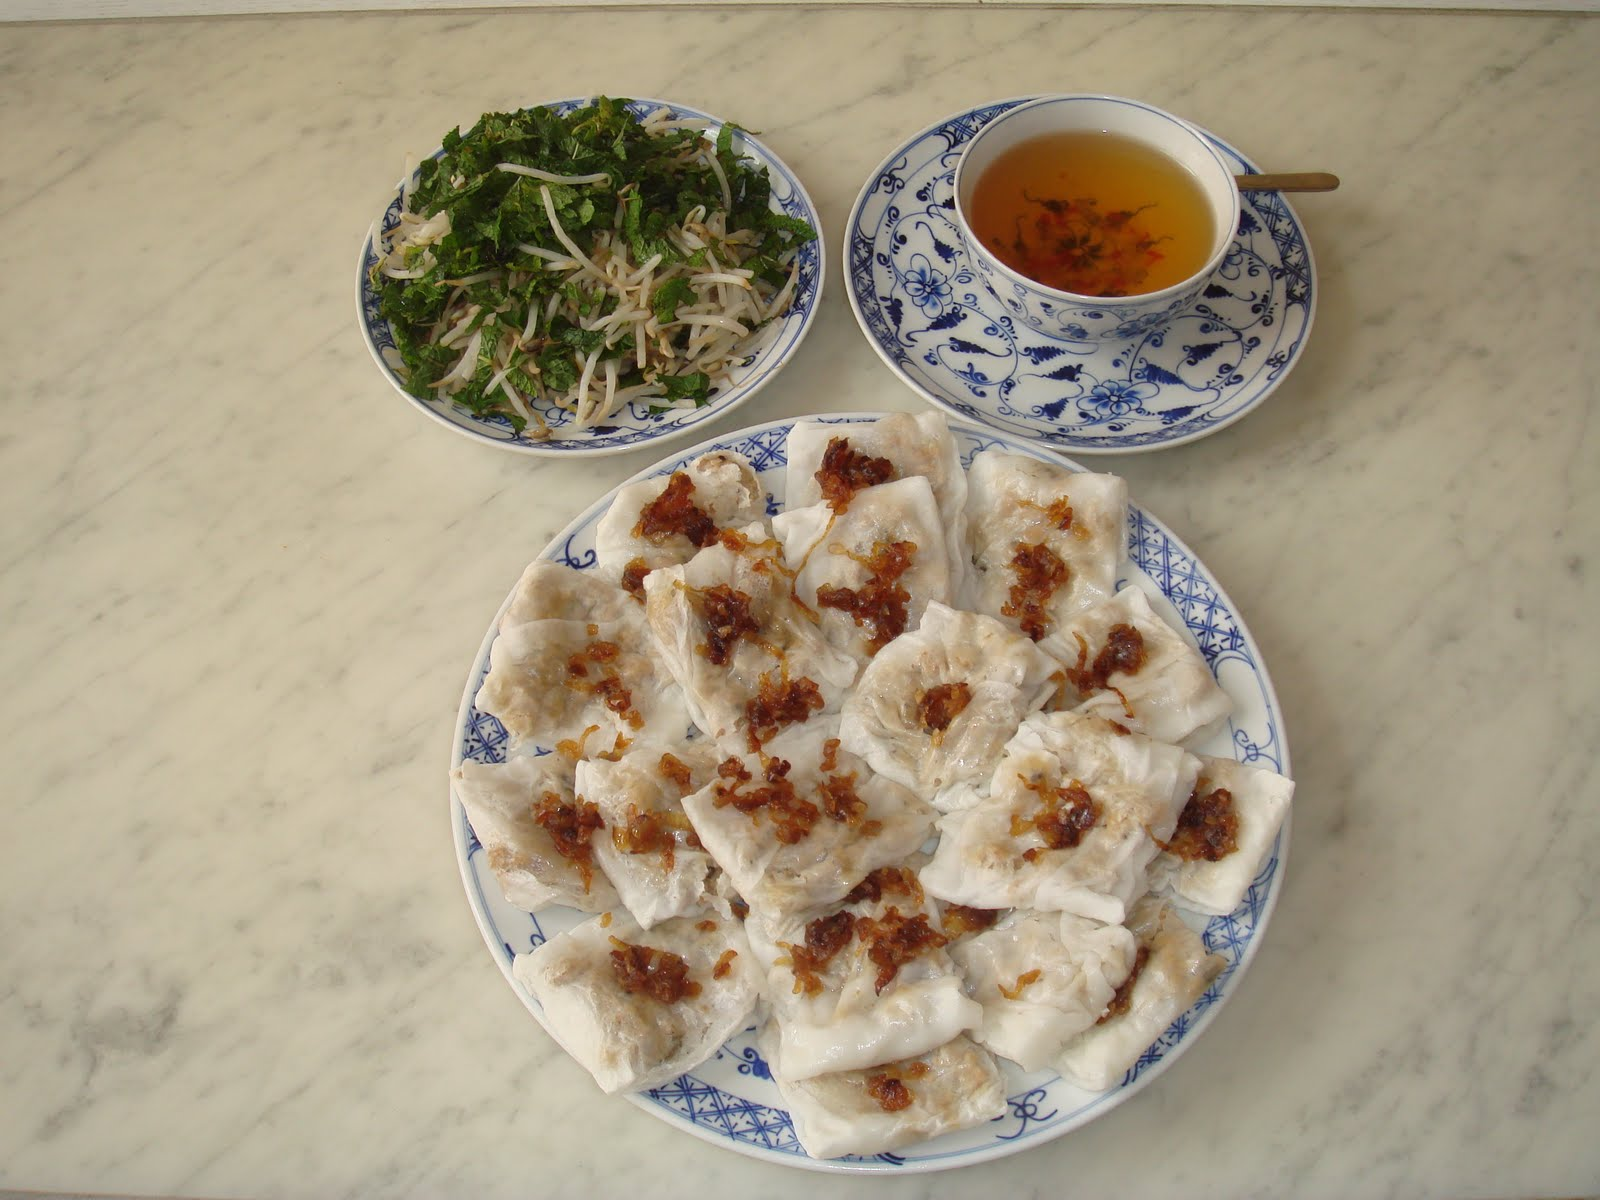 Cours de cuisine vietnamienne en idf cr pes blanches - Cours de cuisine vietnamienne ...